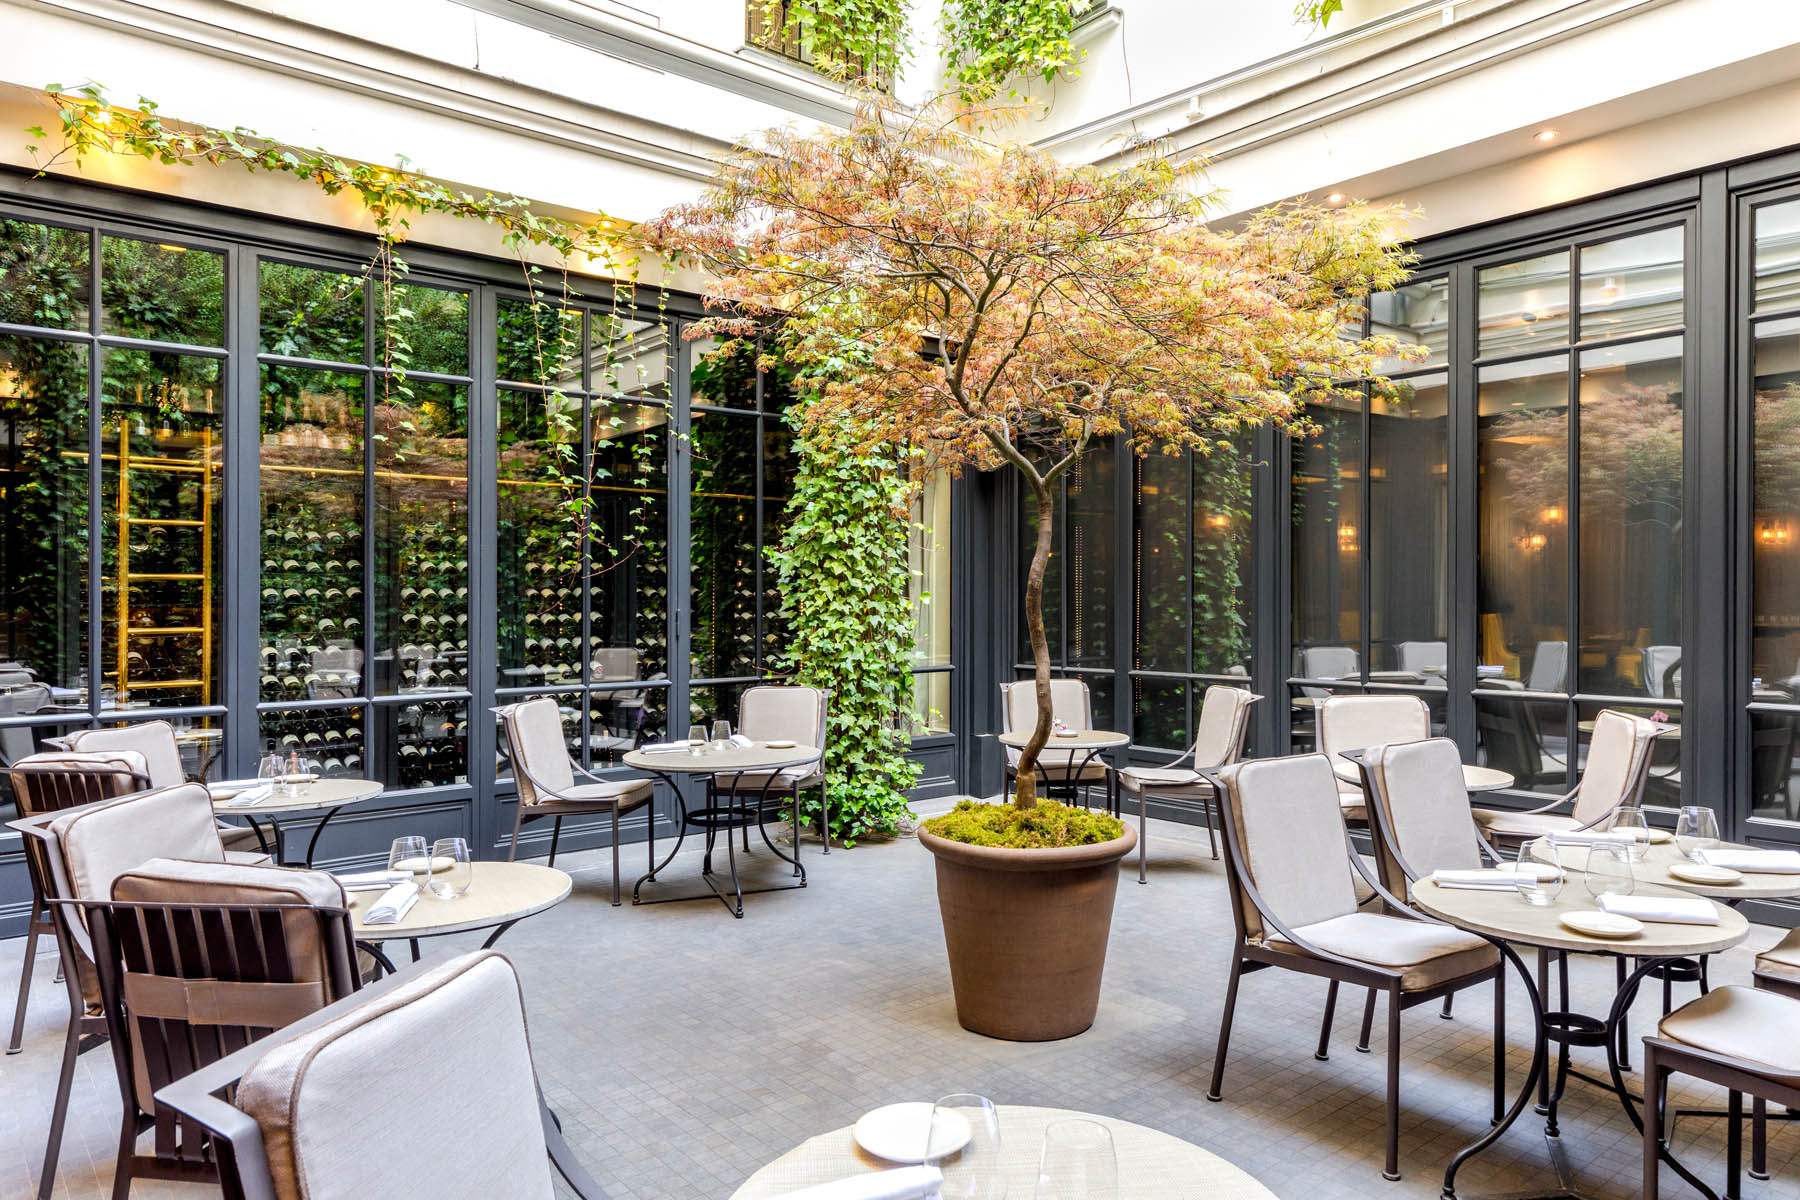 Coussins terrasse de restaurant dans un hôtel à Paris - Mousses Etoiles - Fabrication française